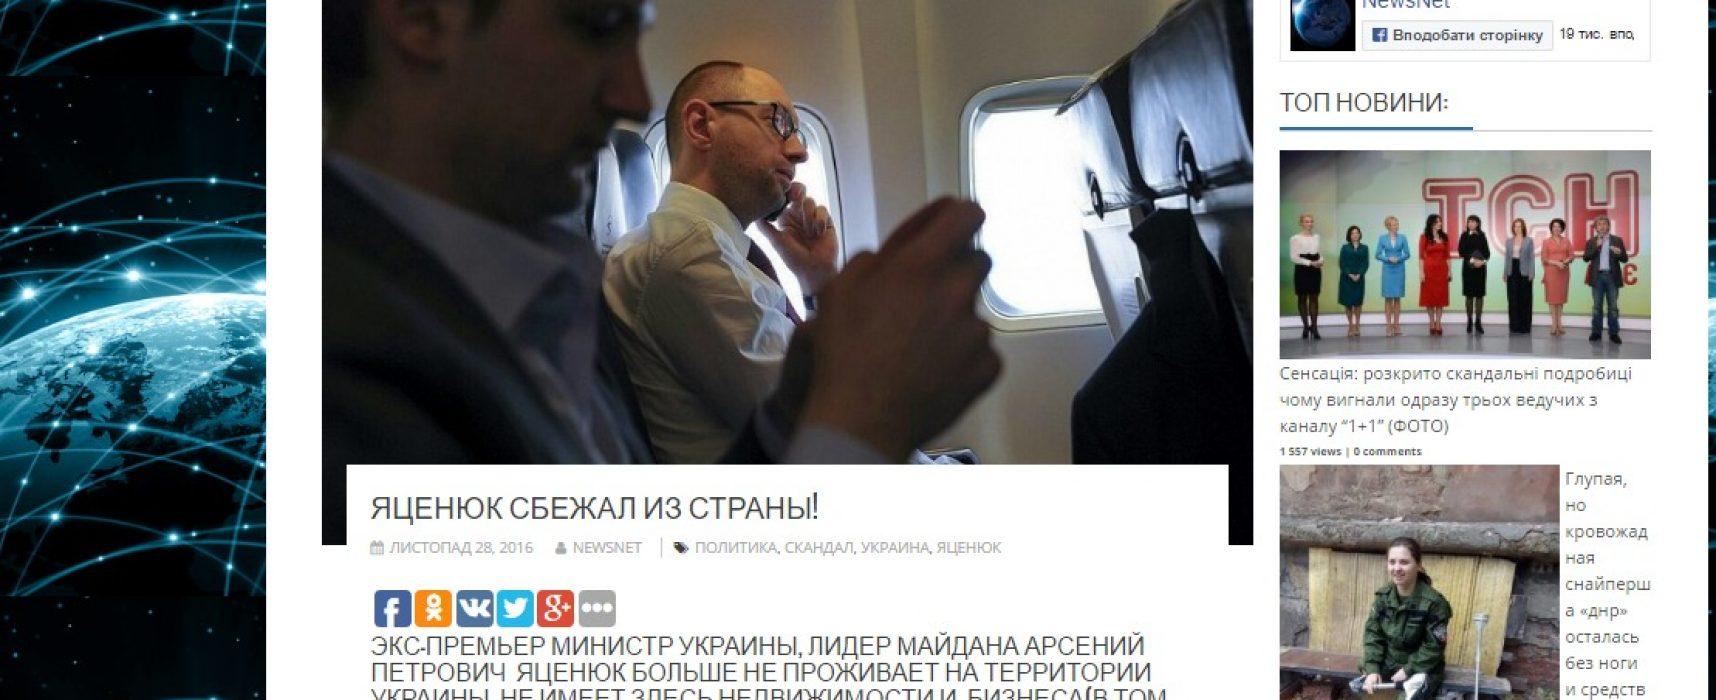 Fake: Voormalig premier Jatsenjoek ontvlucht Oekraïne